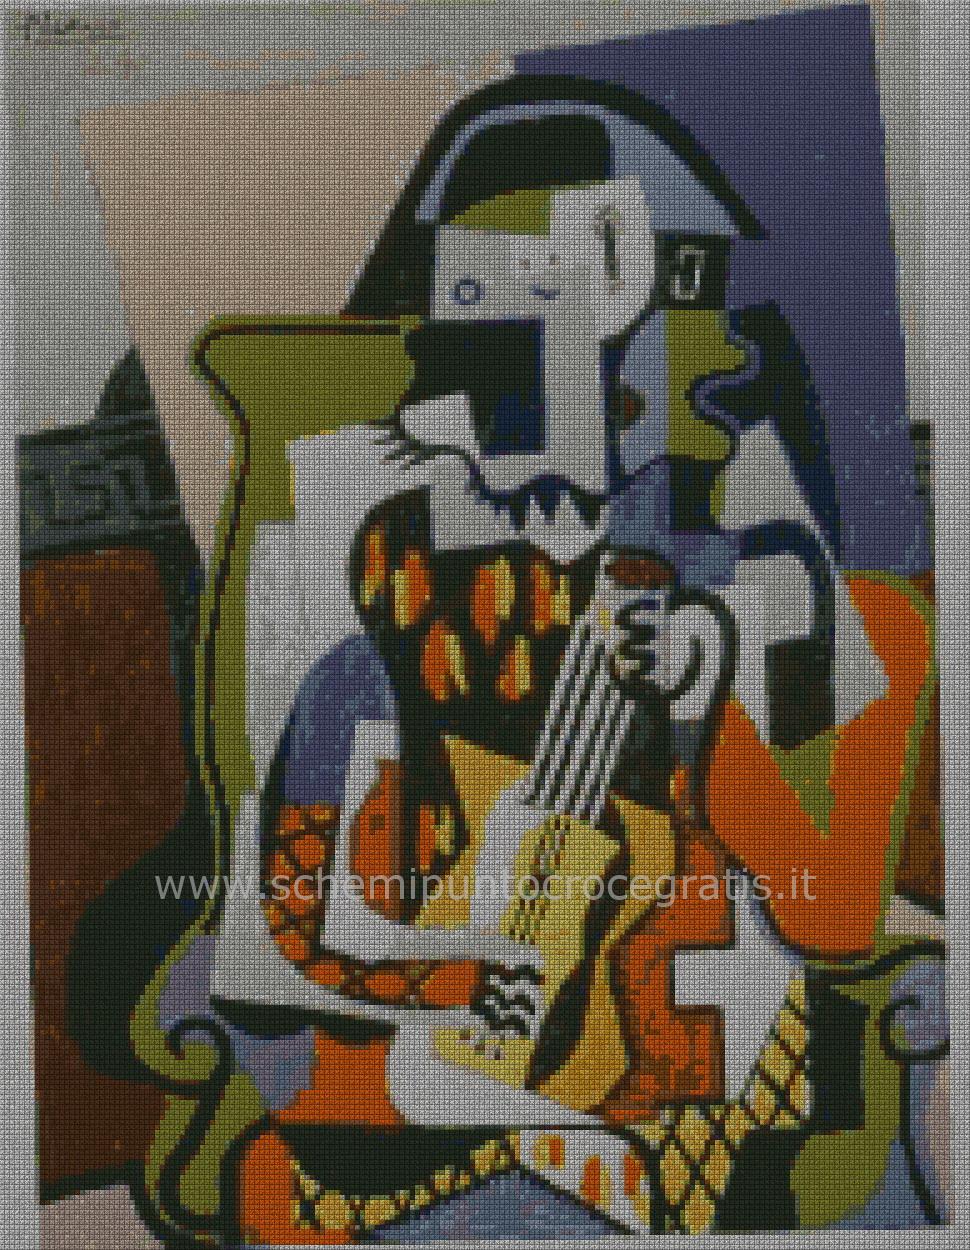 pittori_moderni/picasso/Picasso13.jpg